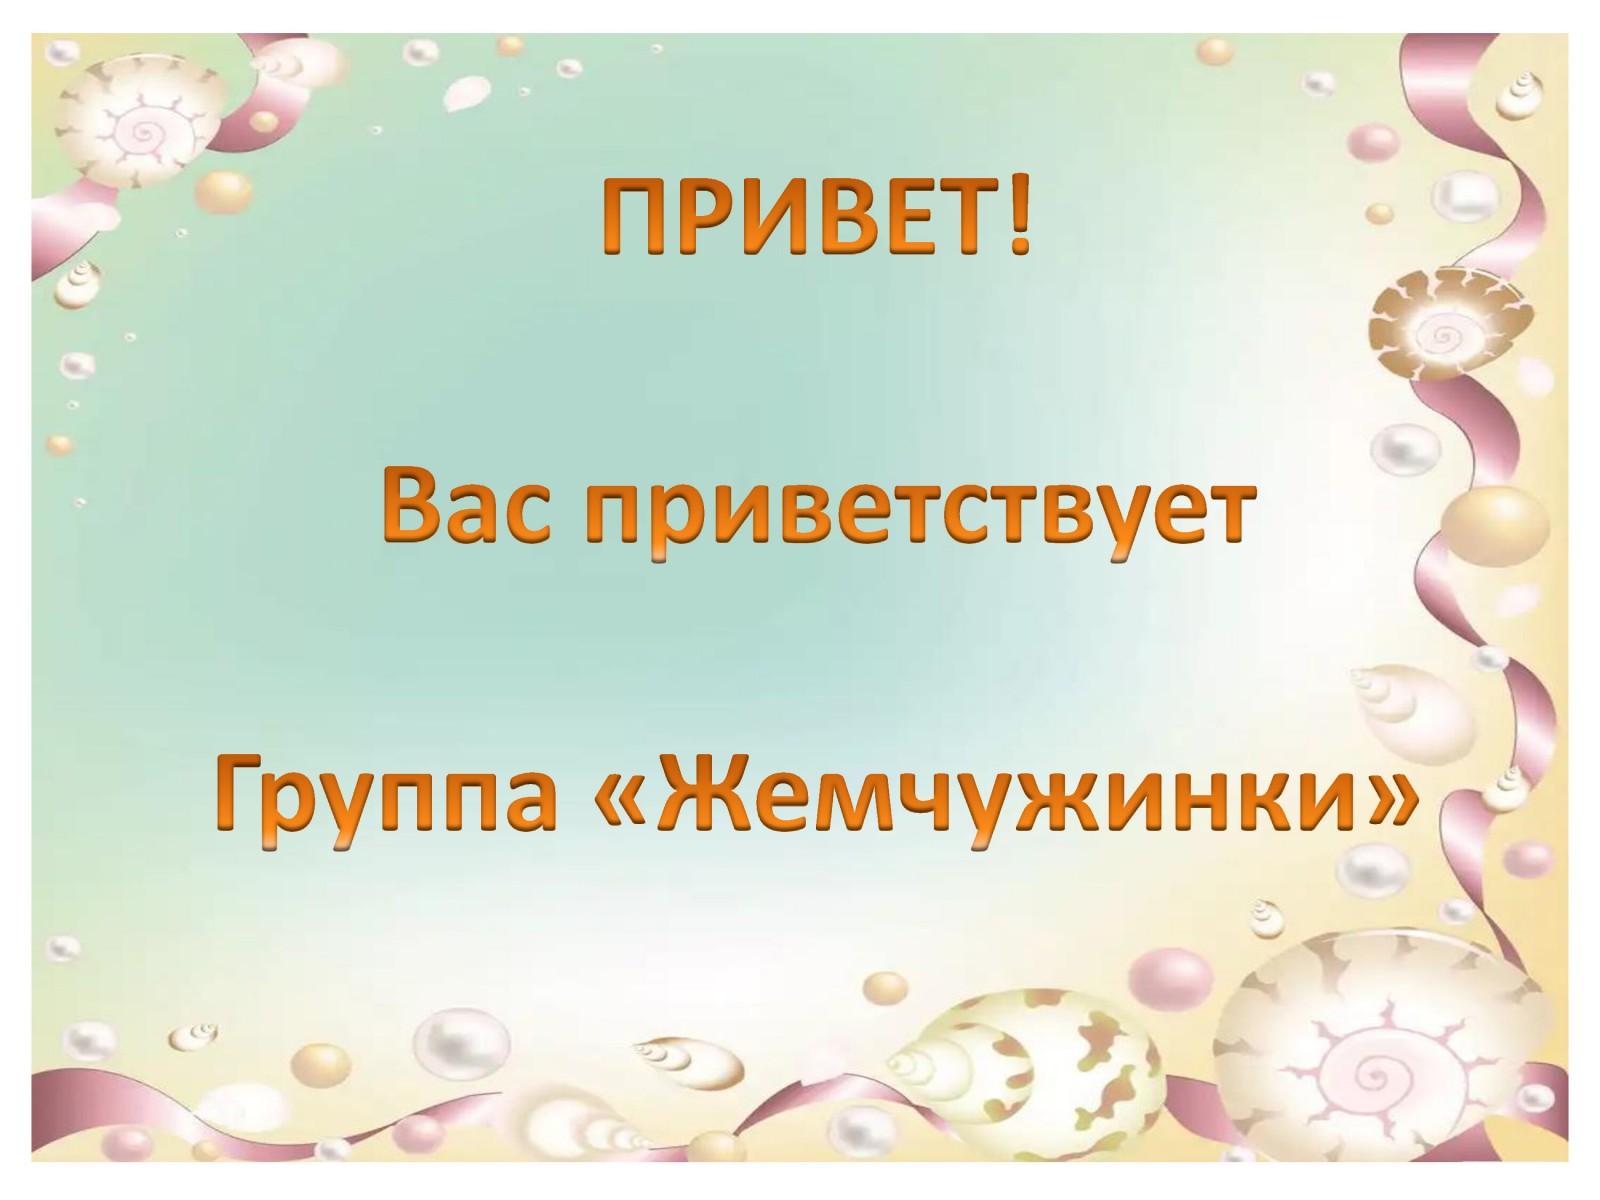 гр.-ЖЕМЧУЖИНКИ-0